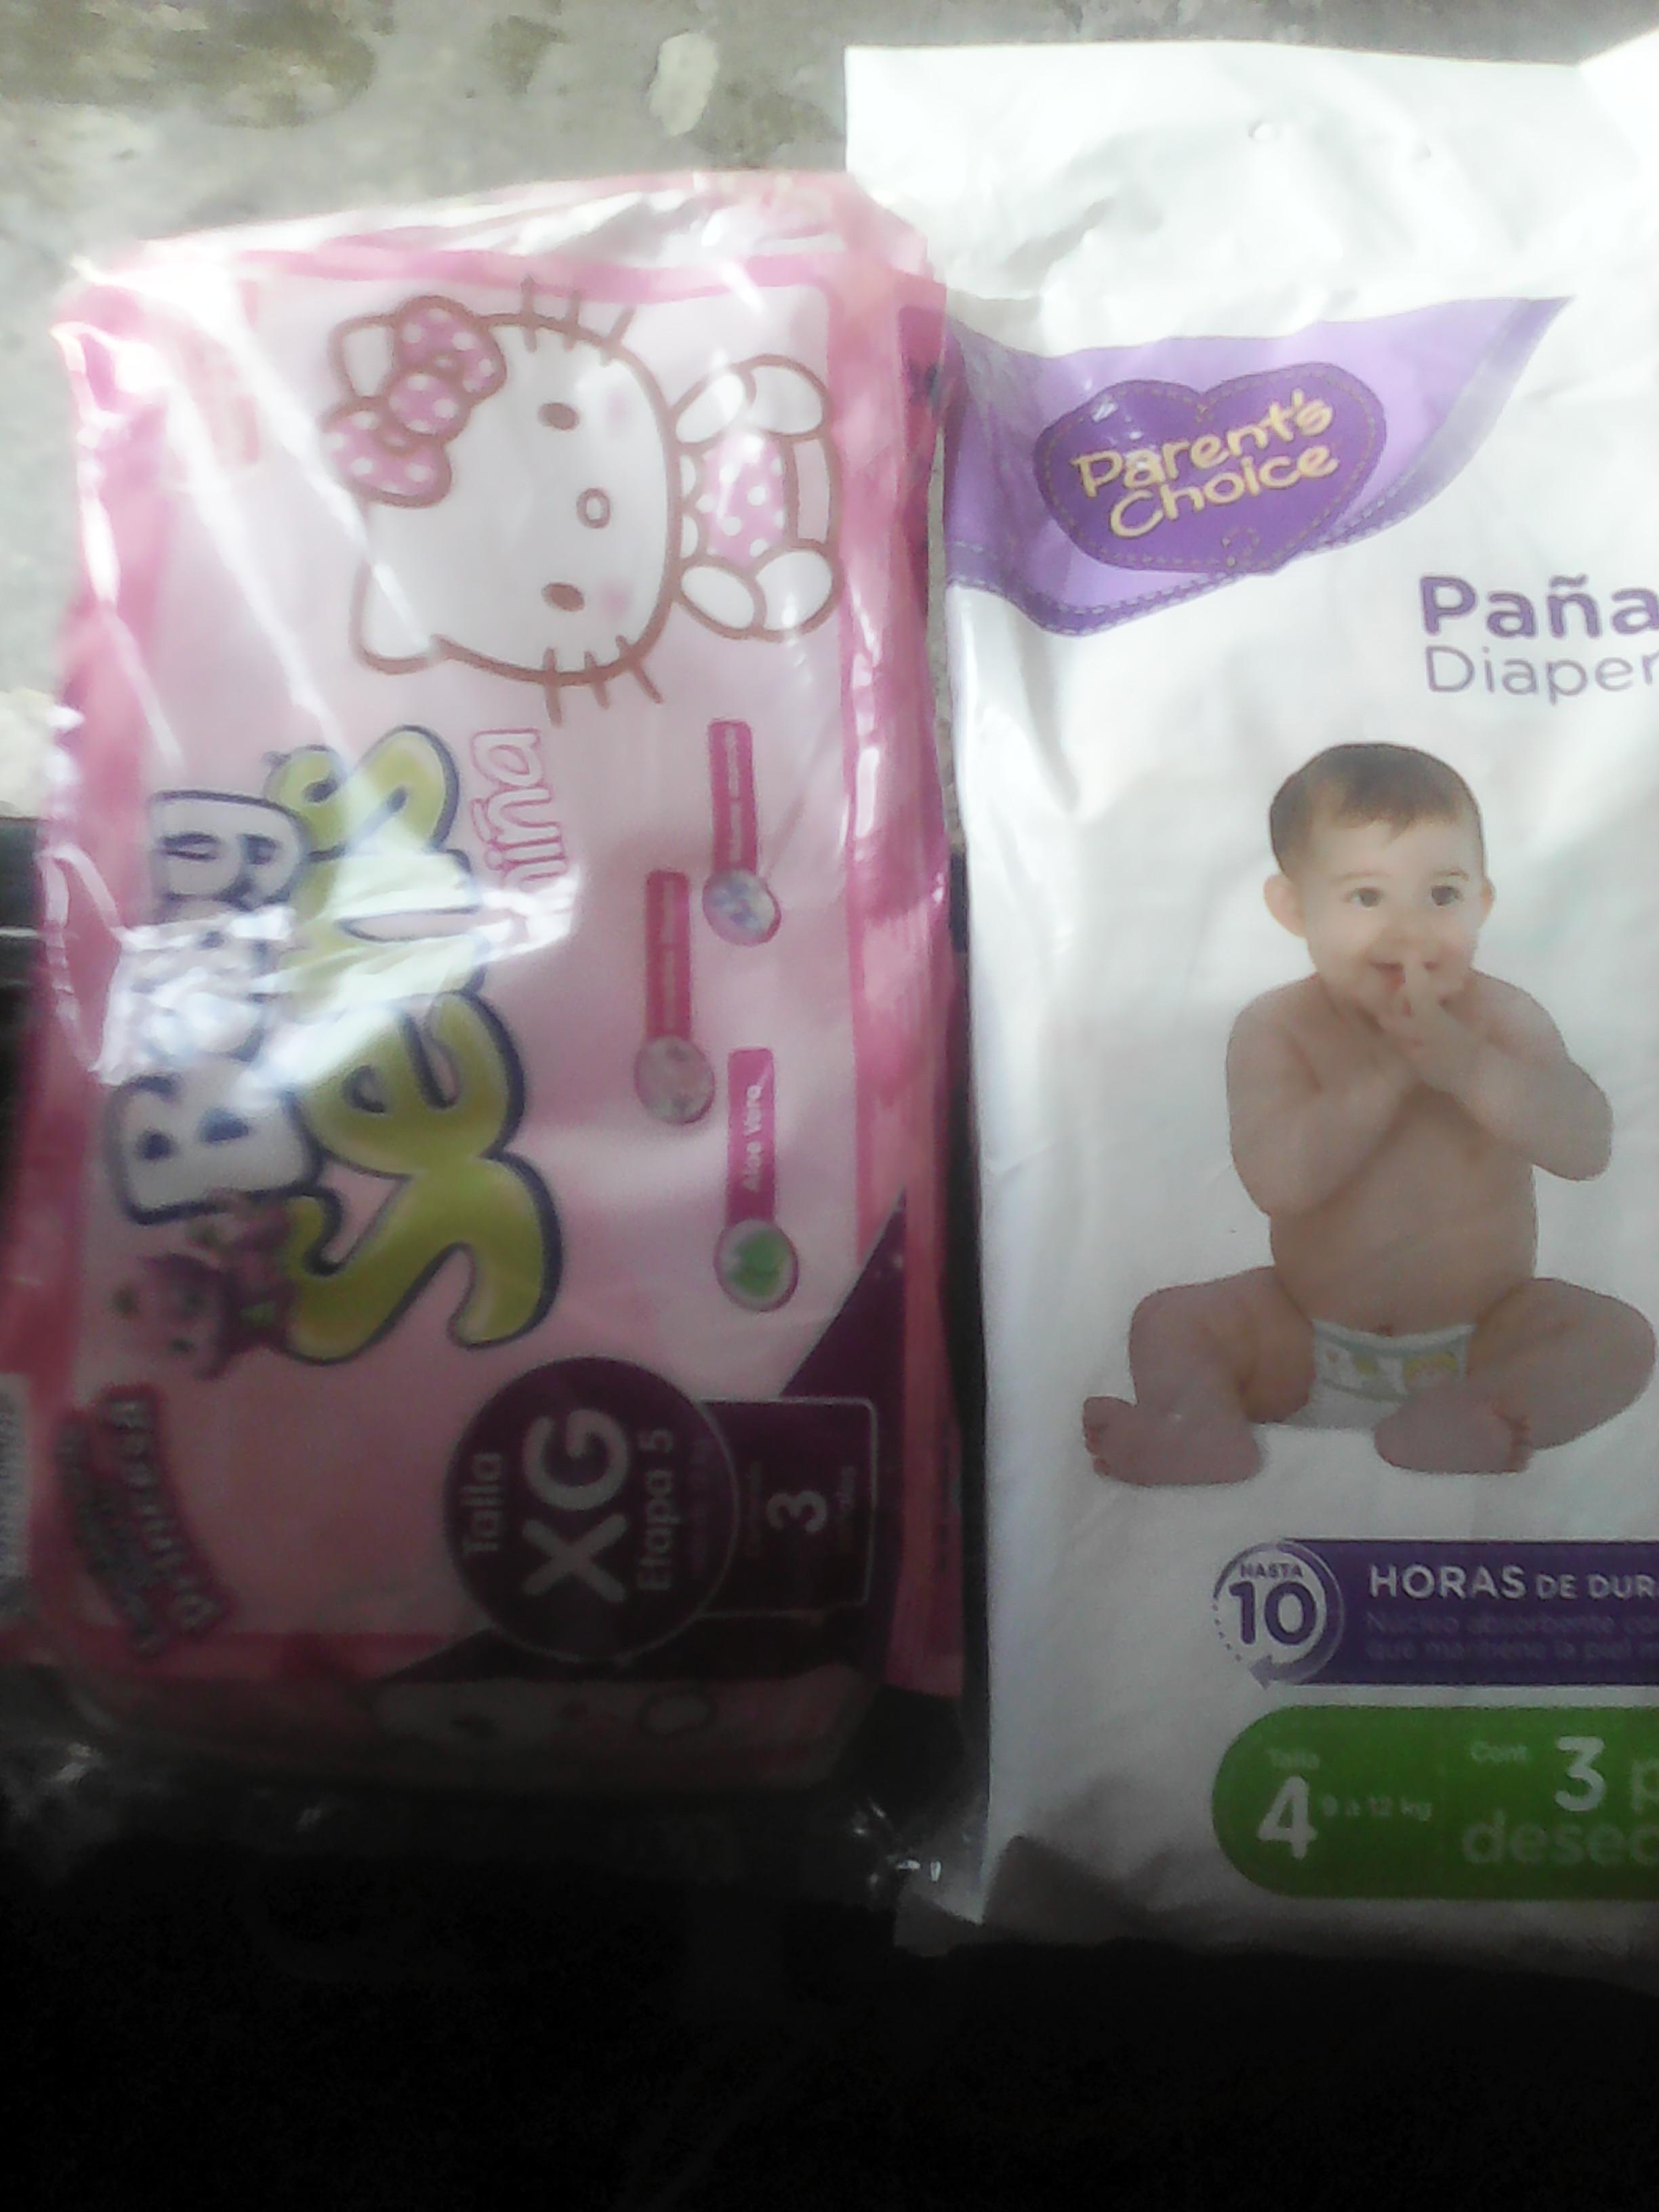 Bodega Aurrerá: paquete de 3 pañales Babysense a $5.02